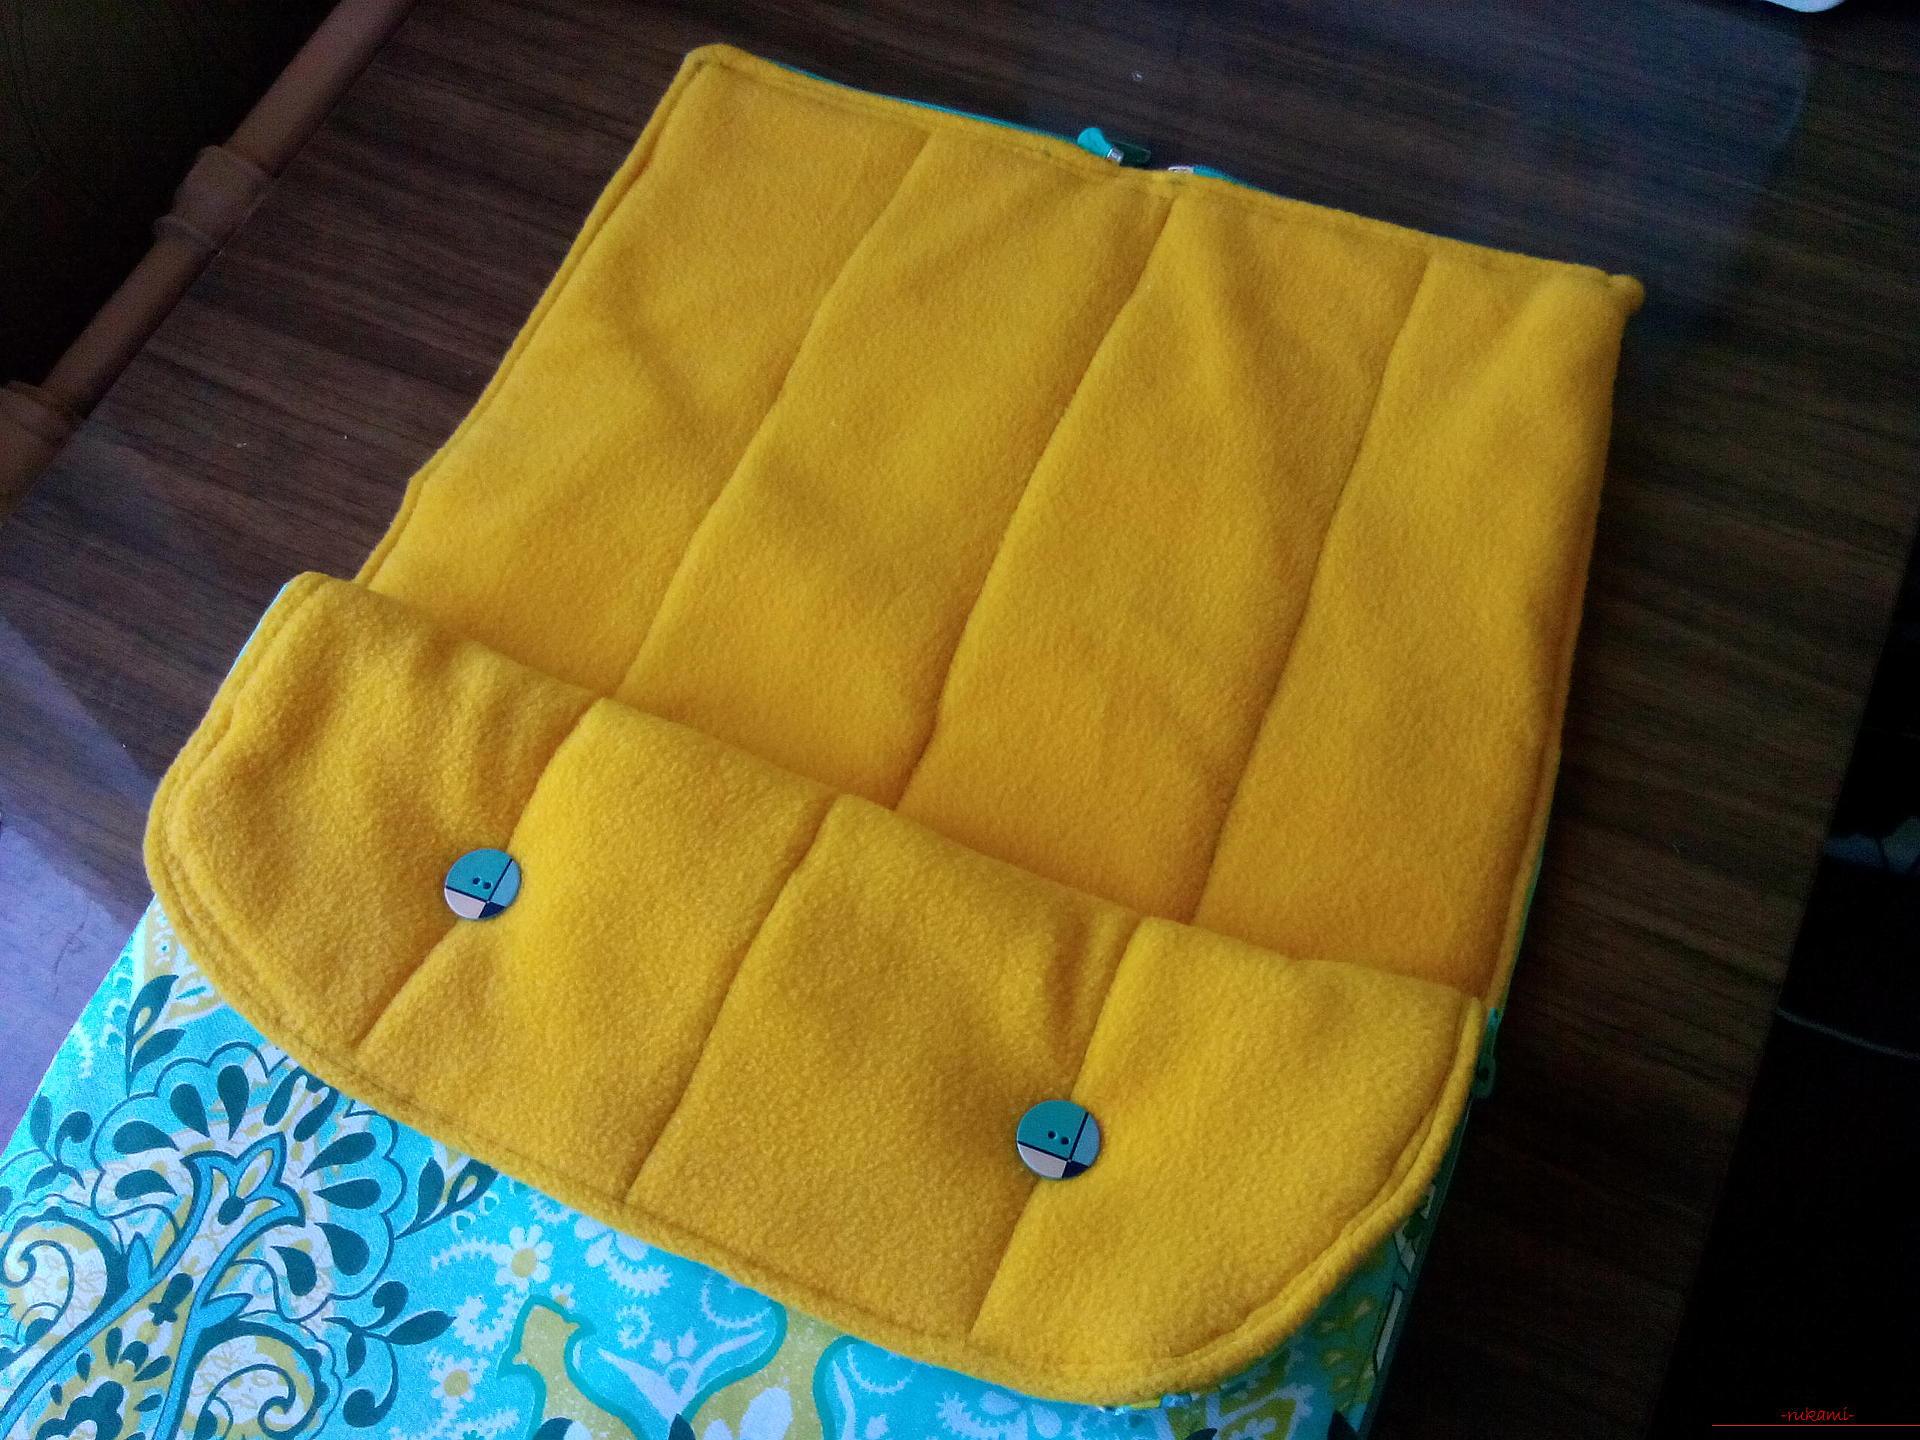 Мастер класс по выкройки конверта для новорожденного - делаем своими руками. Фото №13